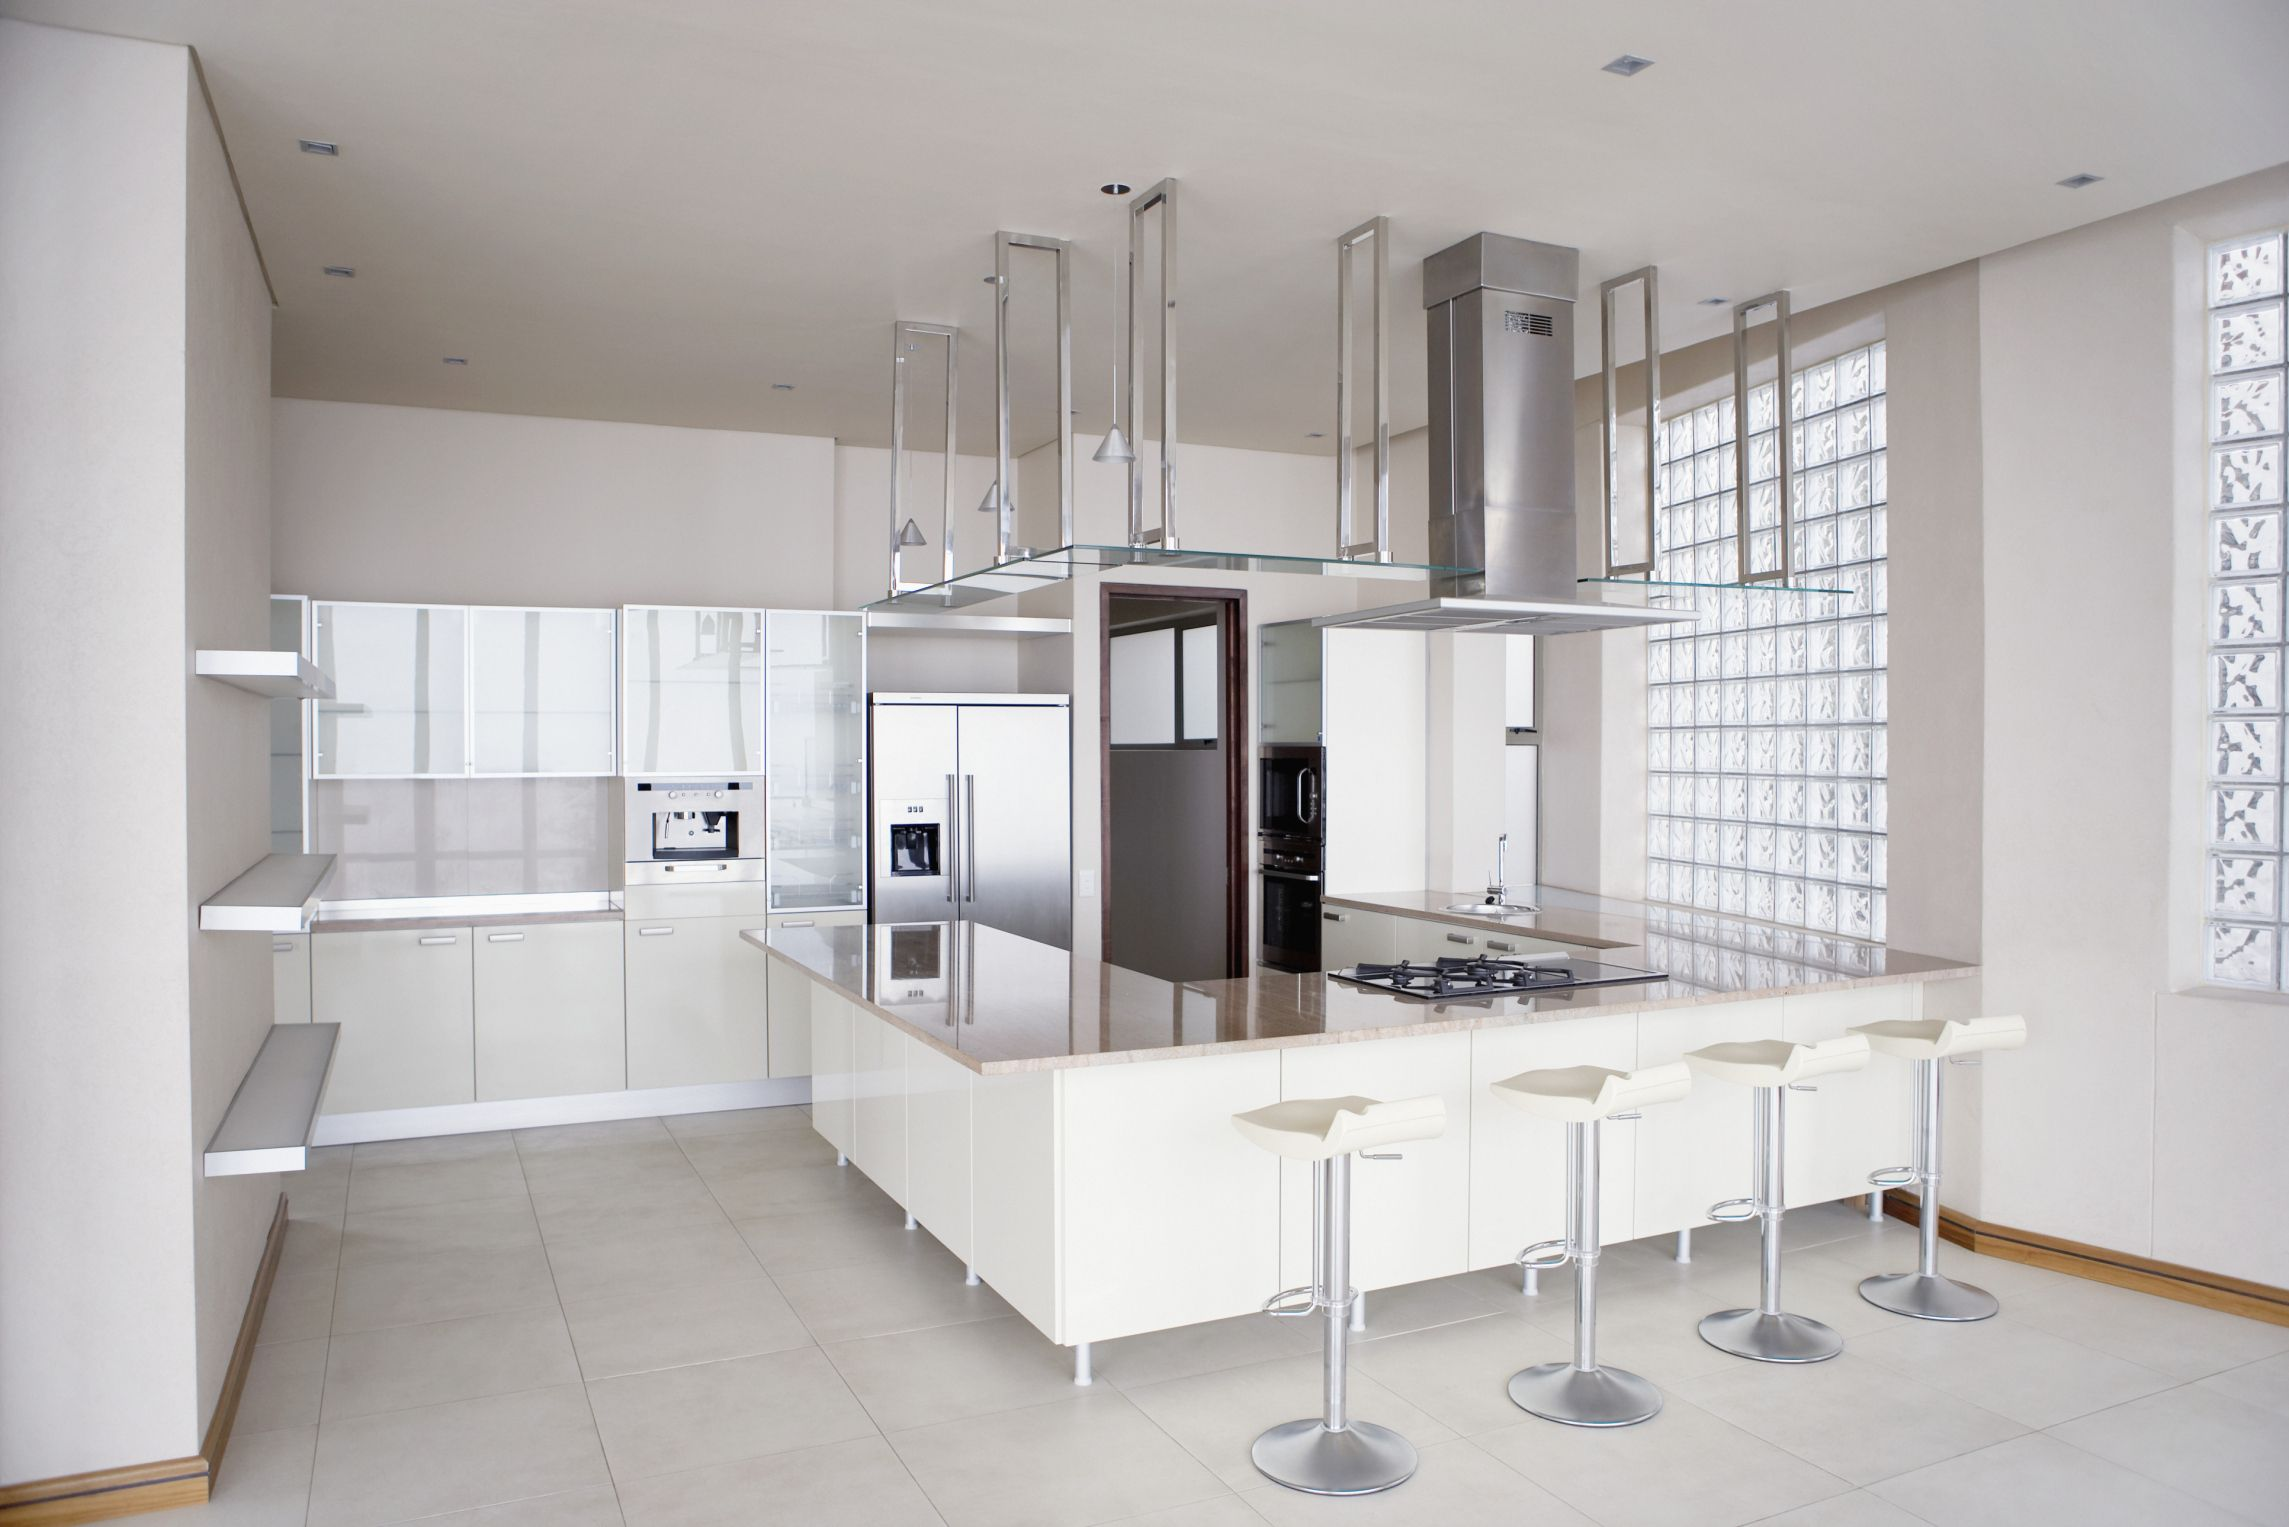 15 tips de decoración para darle personalidad a tu cocina | Kitchens ...